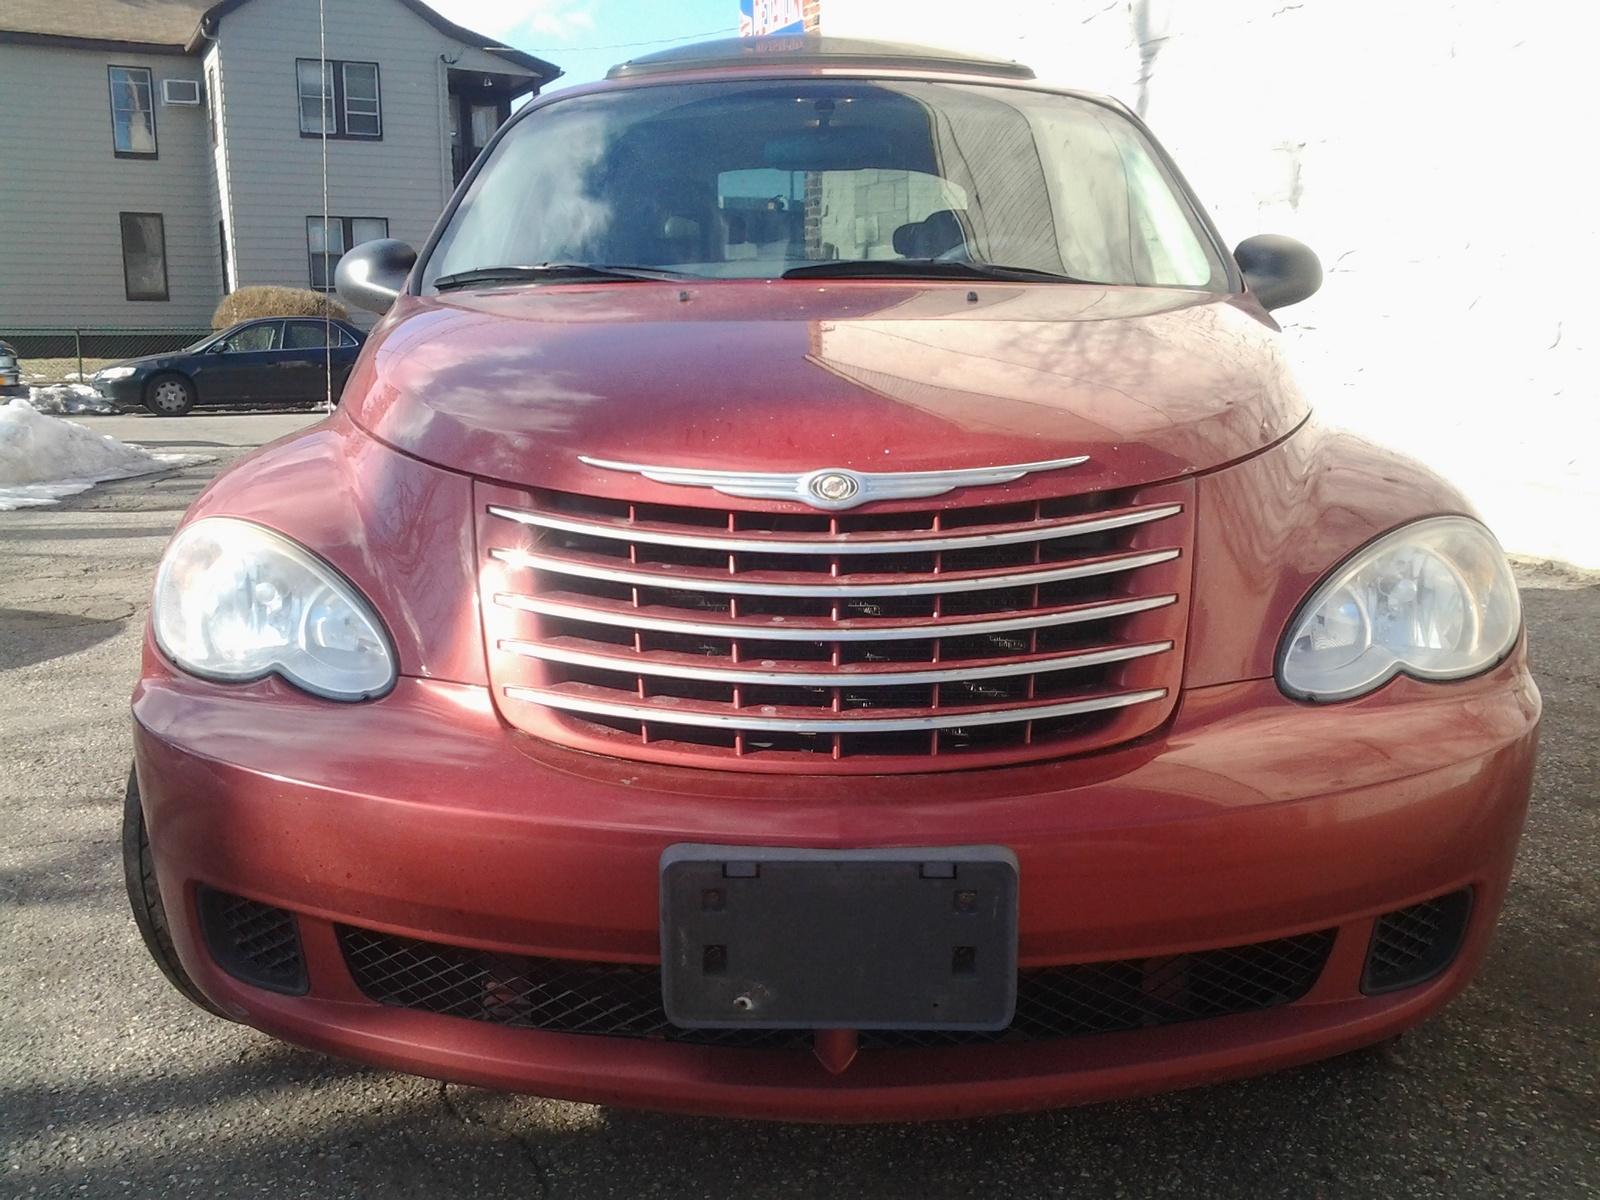 2007 Chrysler Pt Cruiser Pictures C7741 pi36604320